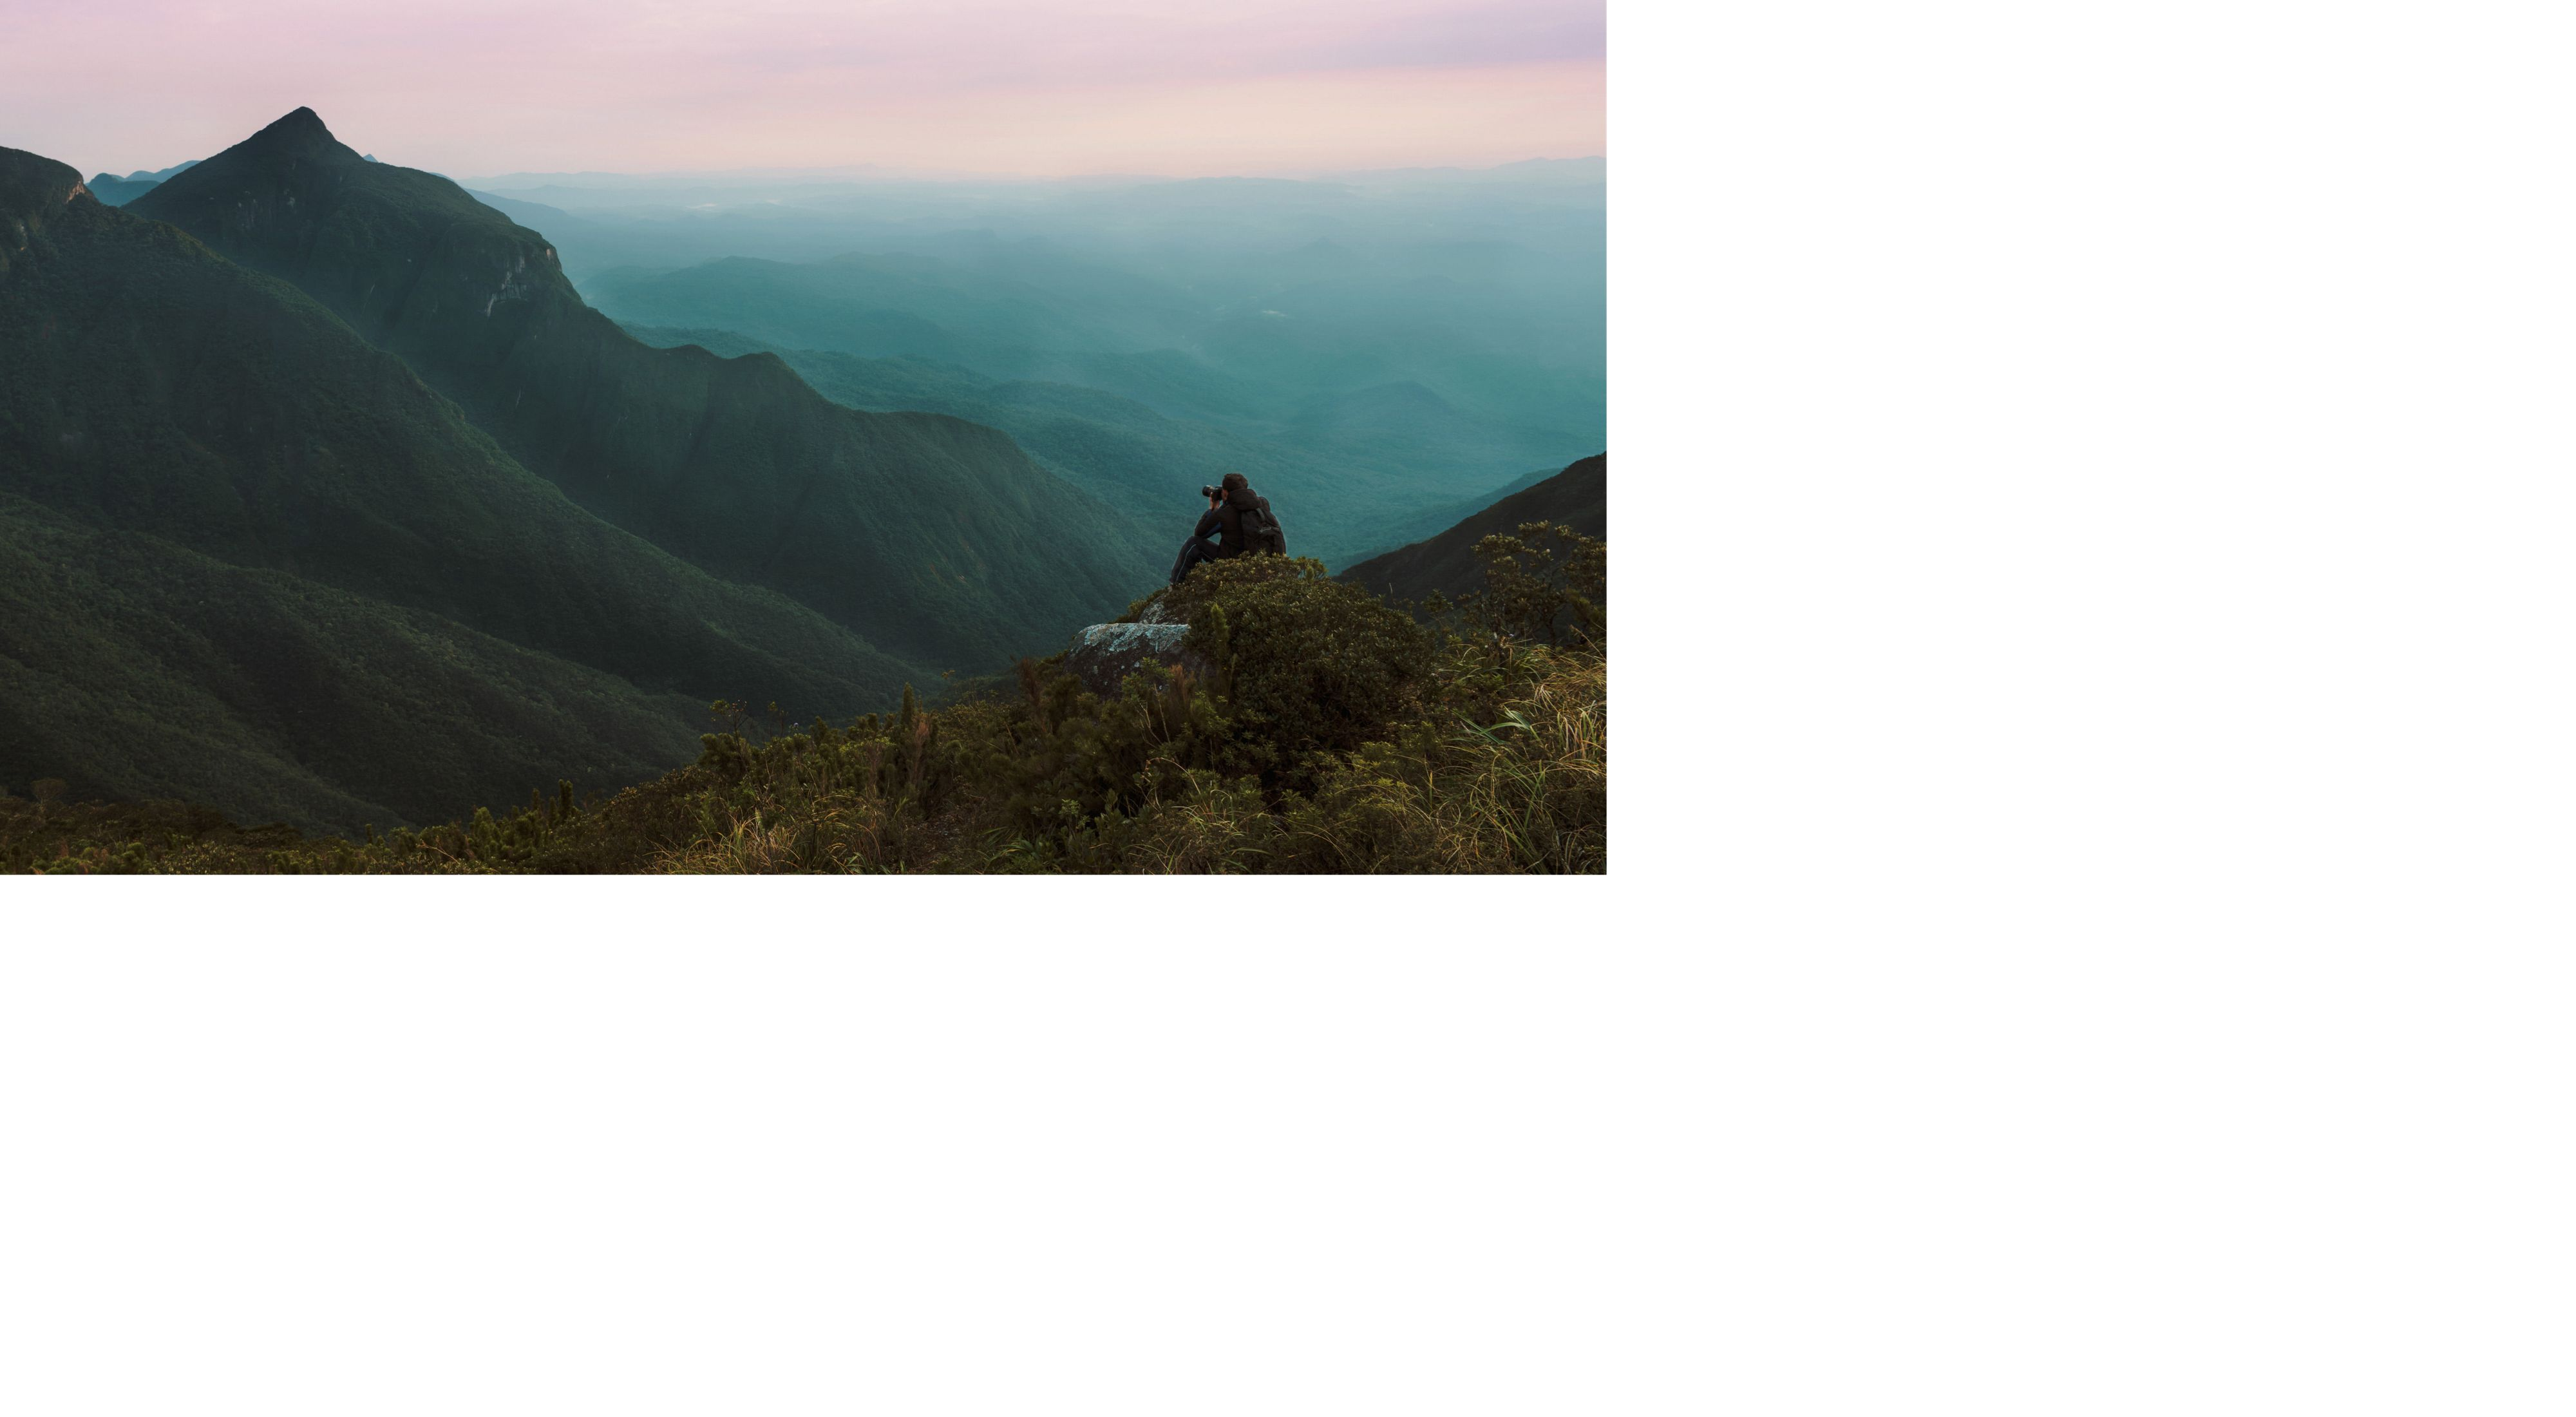 Fotógrafo no Pico do Paraná, a montanha mais alta do Sul do Brasil, com 1.877m.